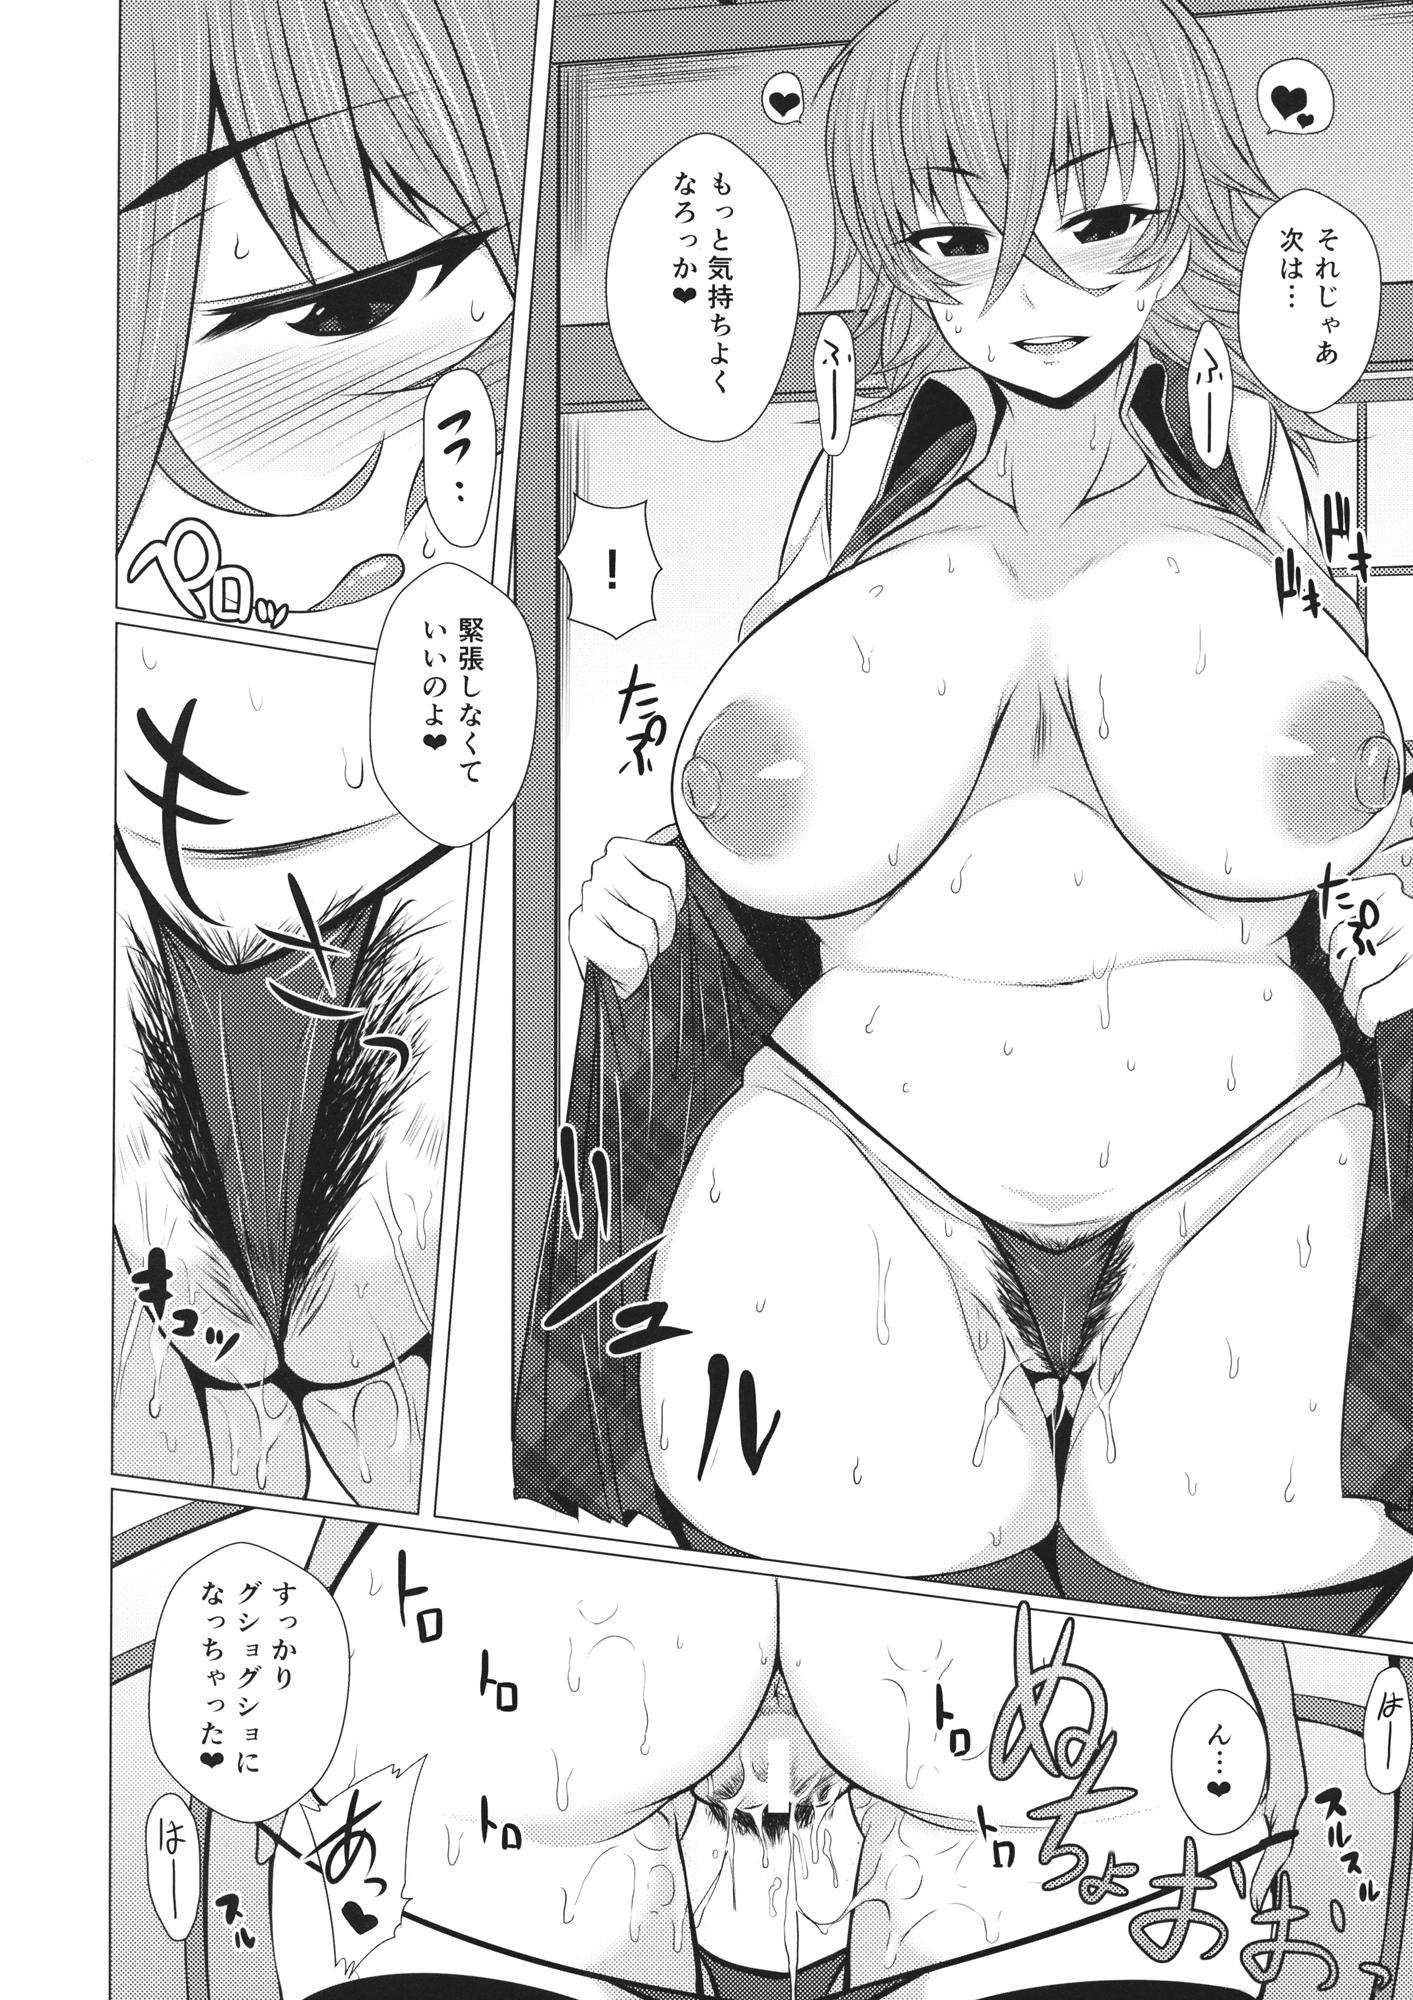 Kazami Yuuka no Himitsu 8